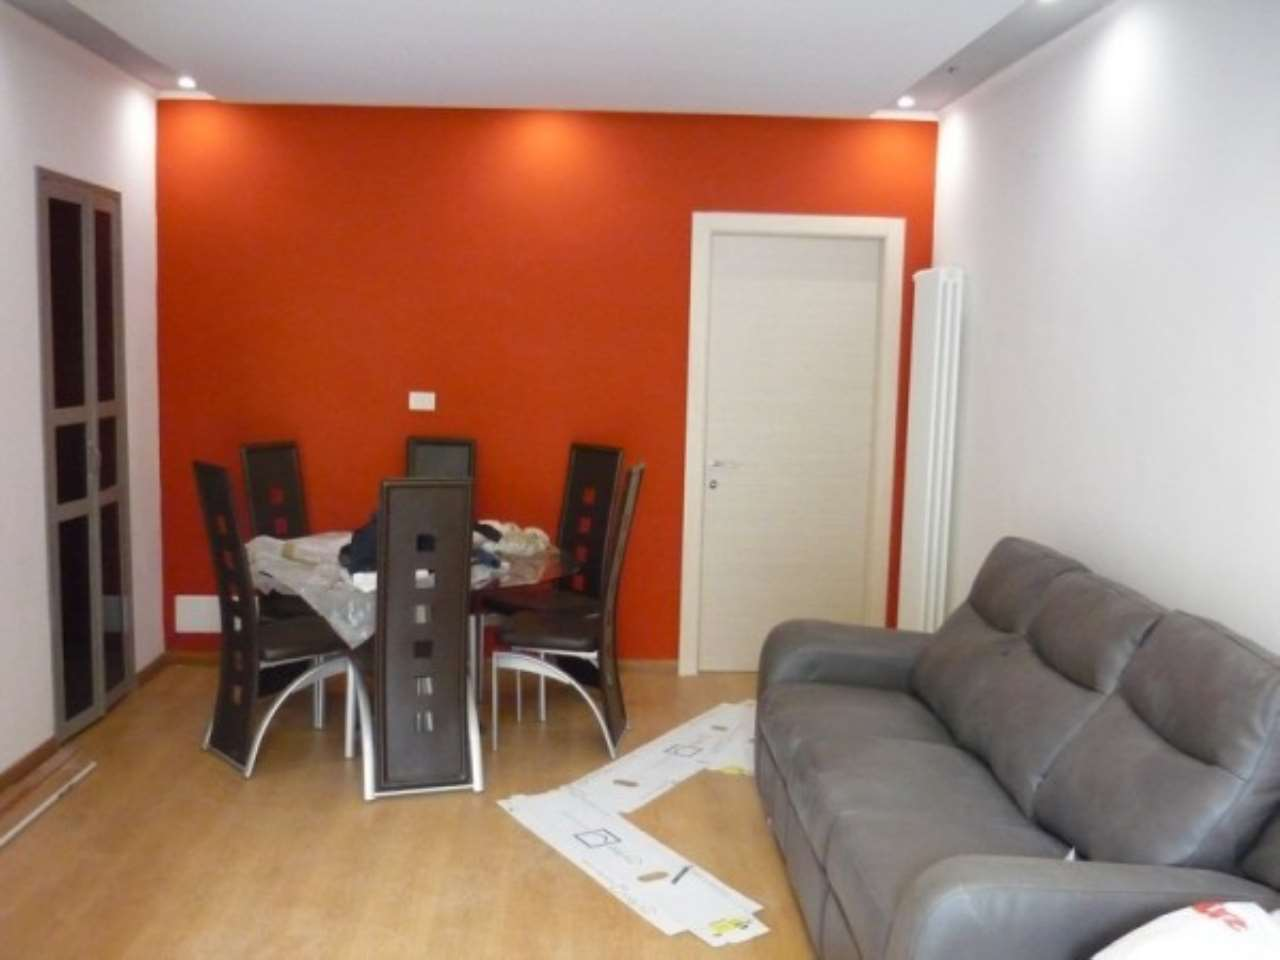 Appartamento in vendita a Bussoleno, 2 locali, prezzo € 53.000 | PortaleAgenzieImmobiliari.it